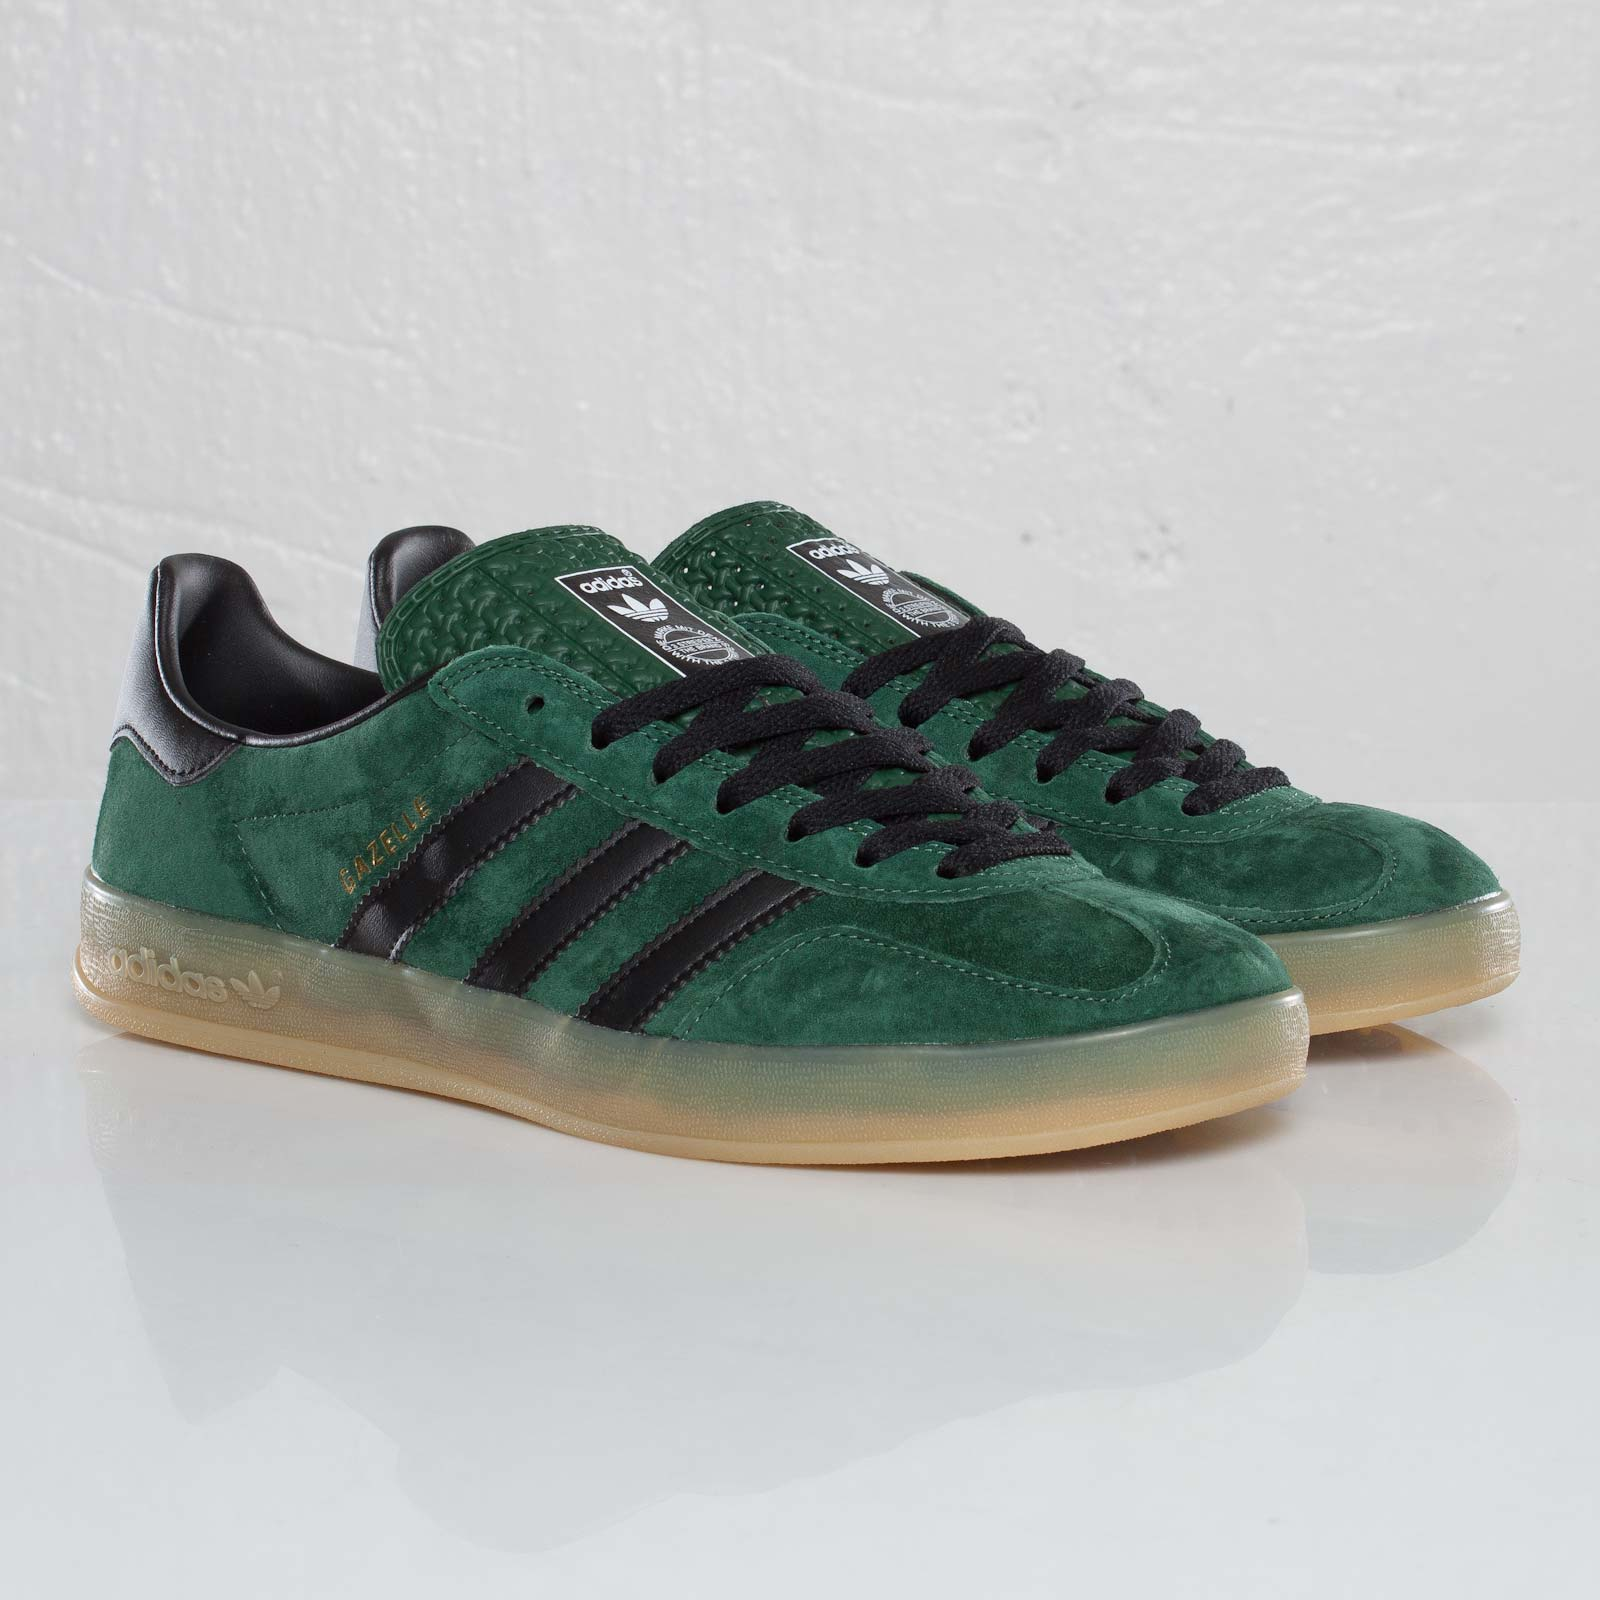 adidas Gazelle Indoor - 110961 - SNS | sneakers & streetwear ...